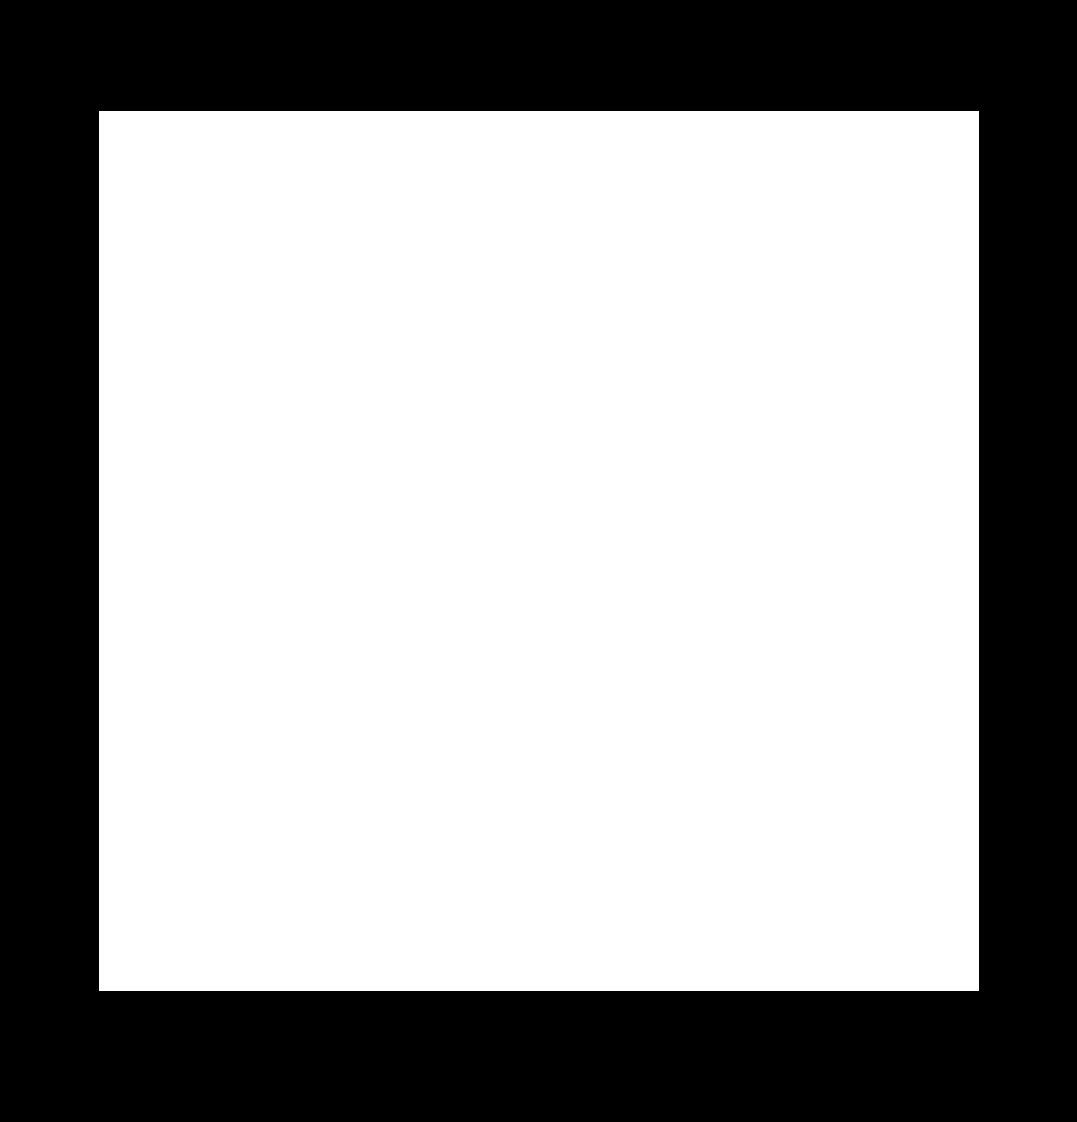 Gambar Segiempat 43x43